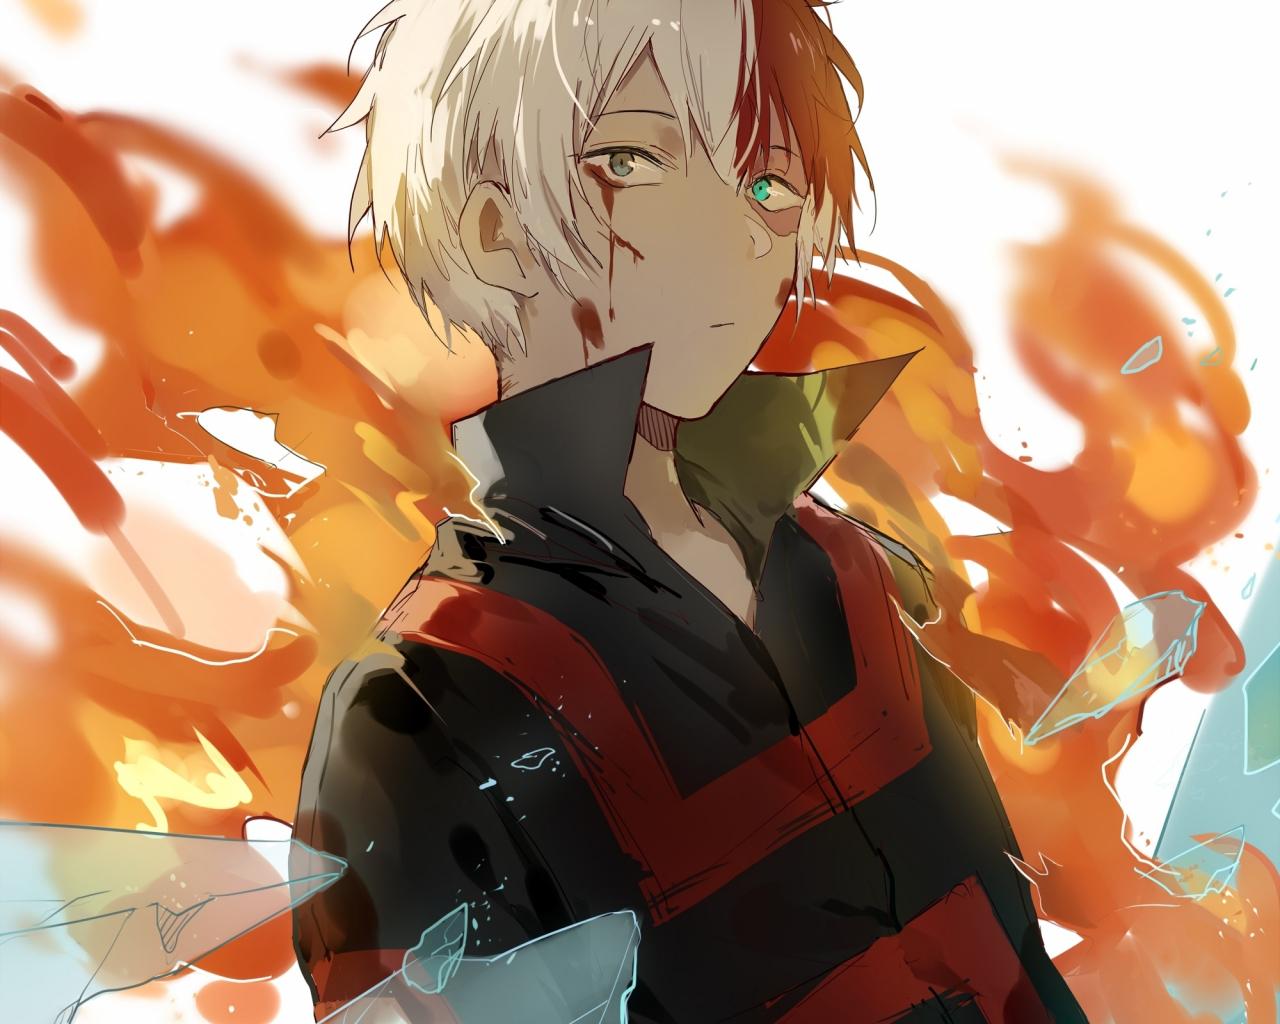 Download 1280x1024 Wallpaper Boku No Hero Academia Anime Shouto